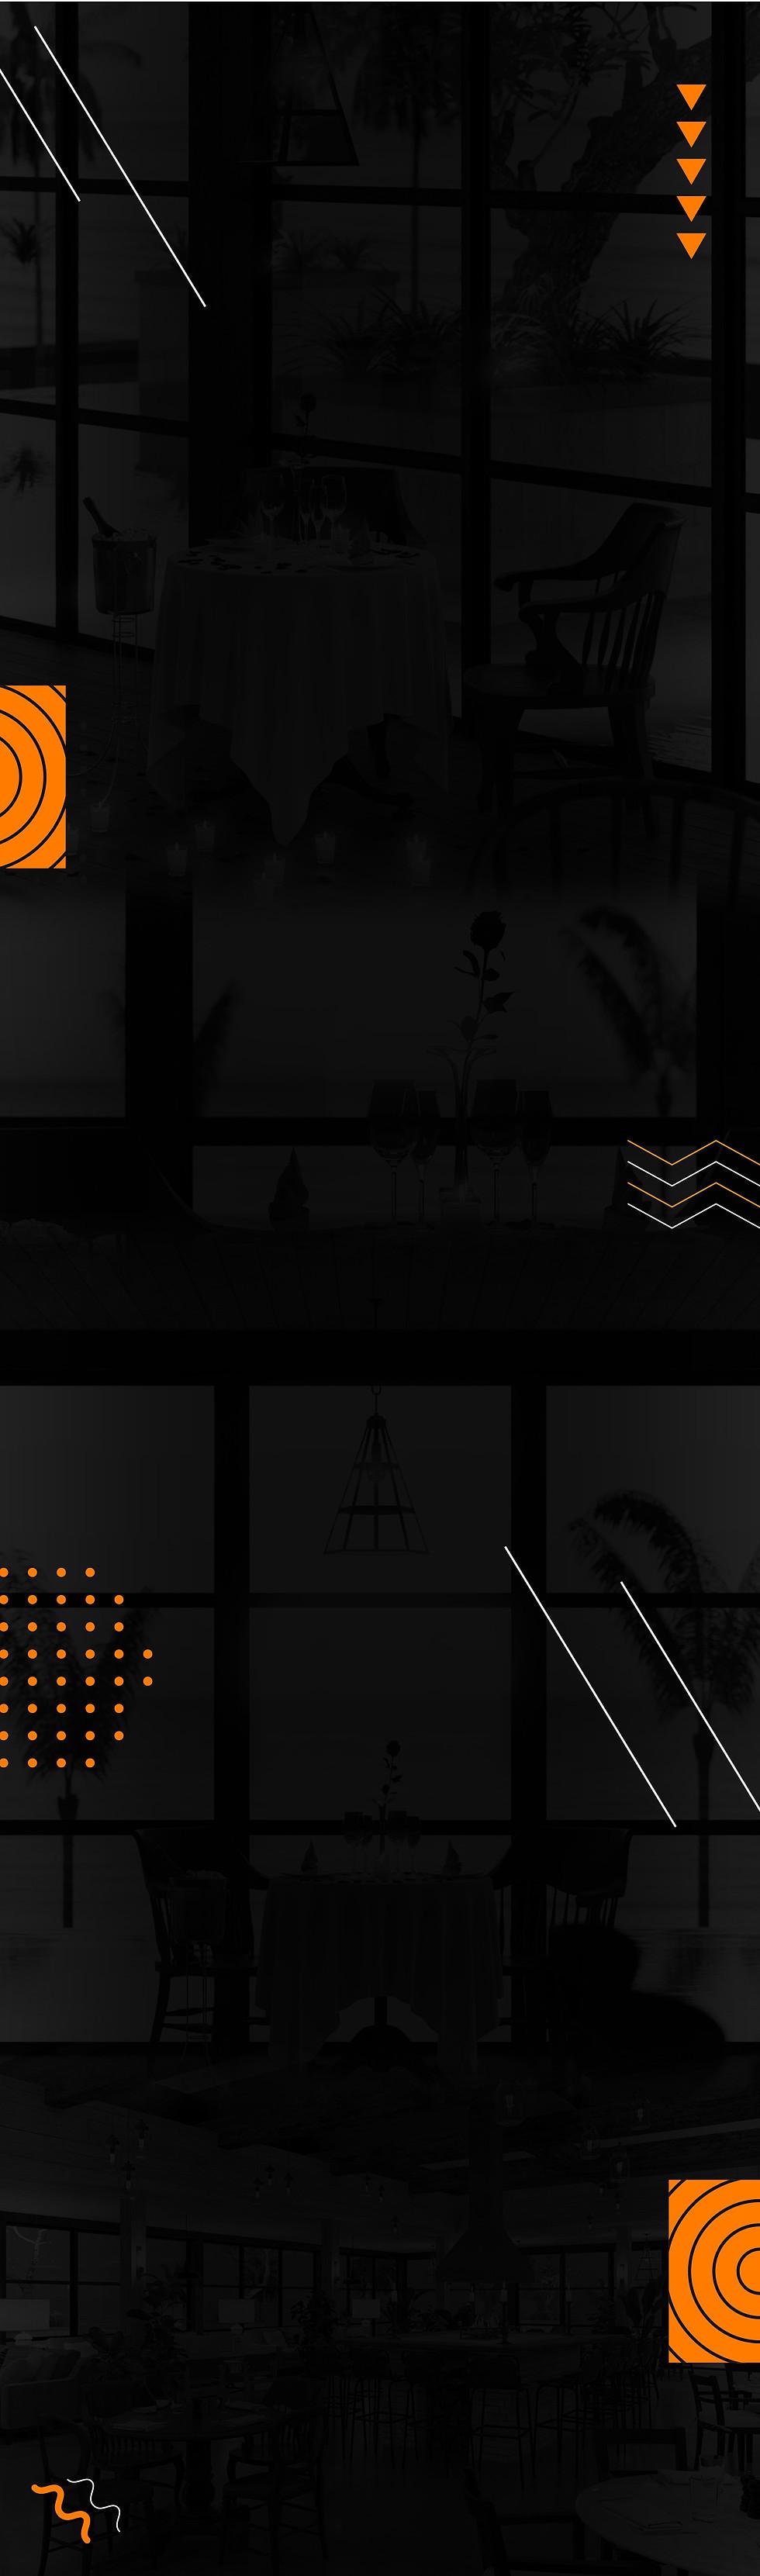 black panjang-06.jpg